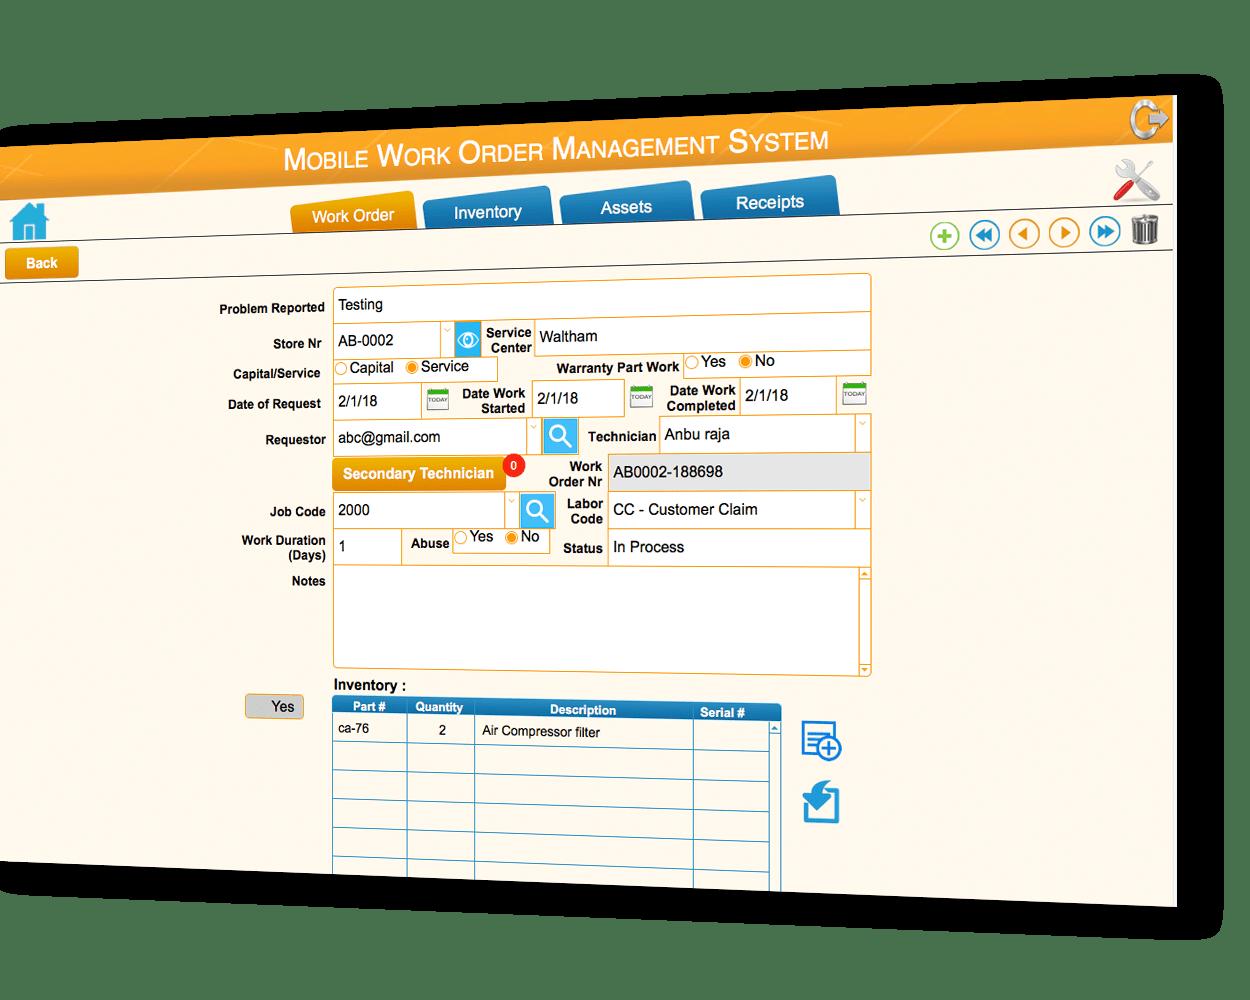 workorder management system